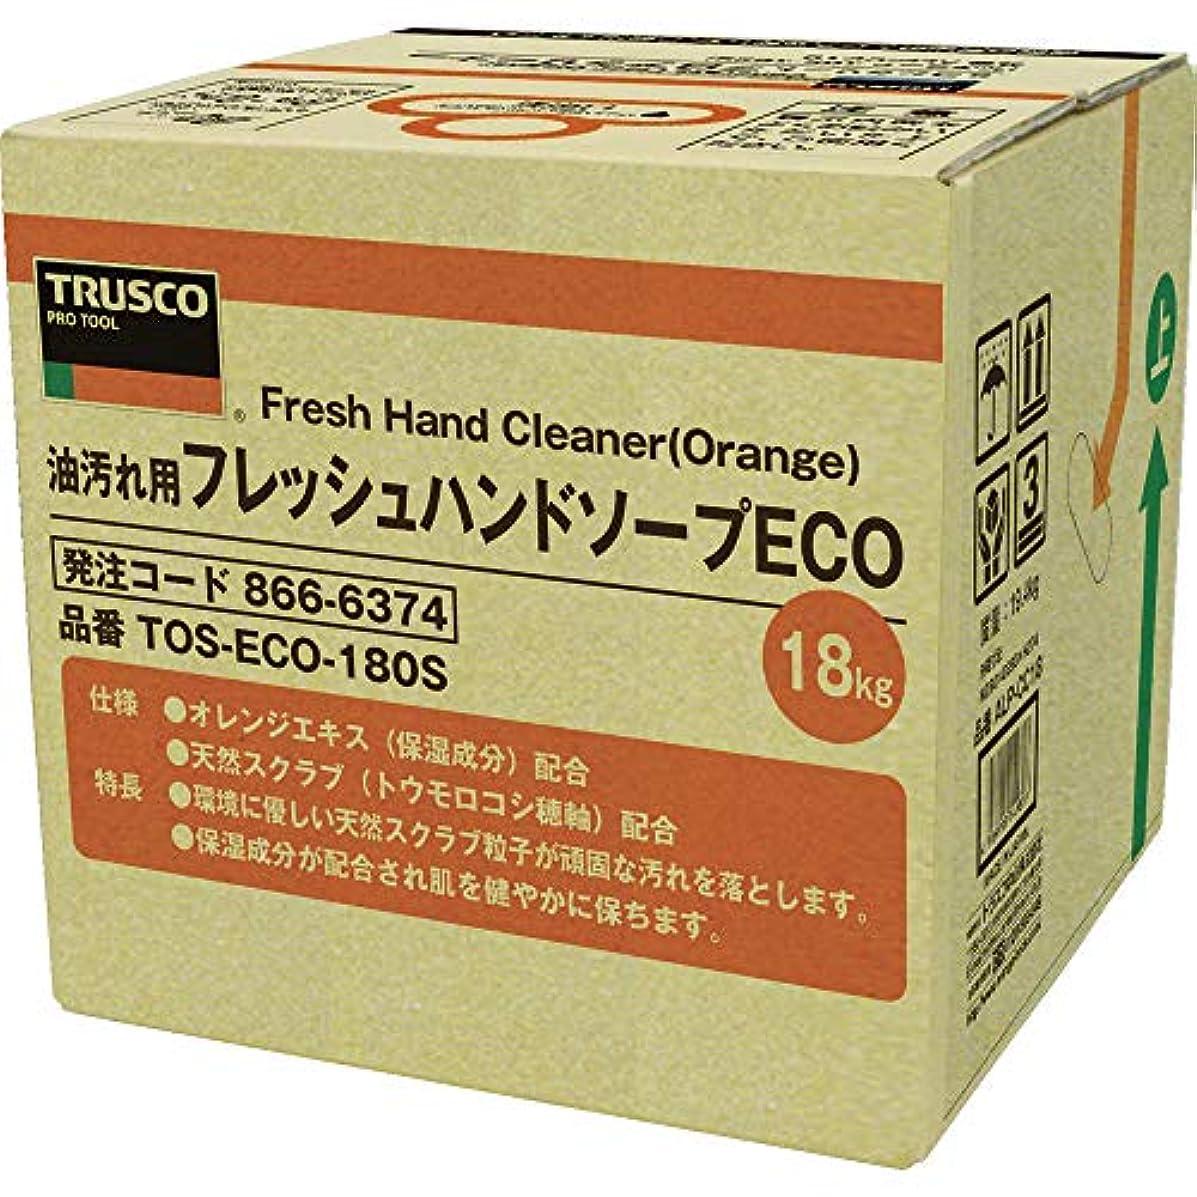 封筒想起スイス人TRUSCO(トラスコ) フレッシュハンドソープECO 18L 詰替 バッグインボックス TOSECO180S